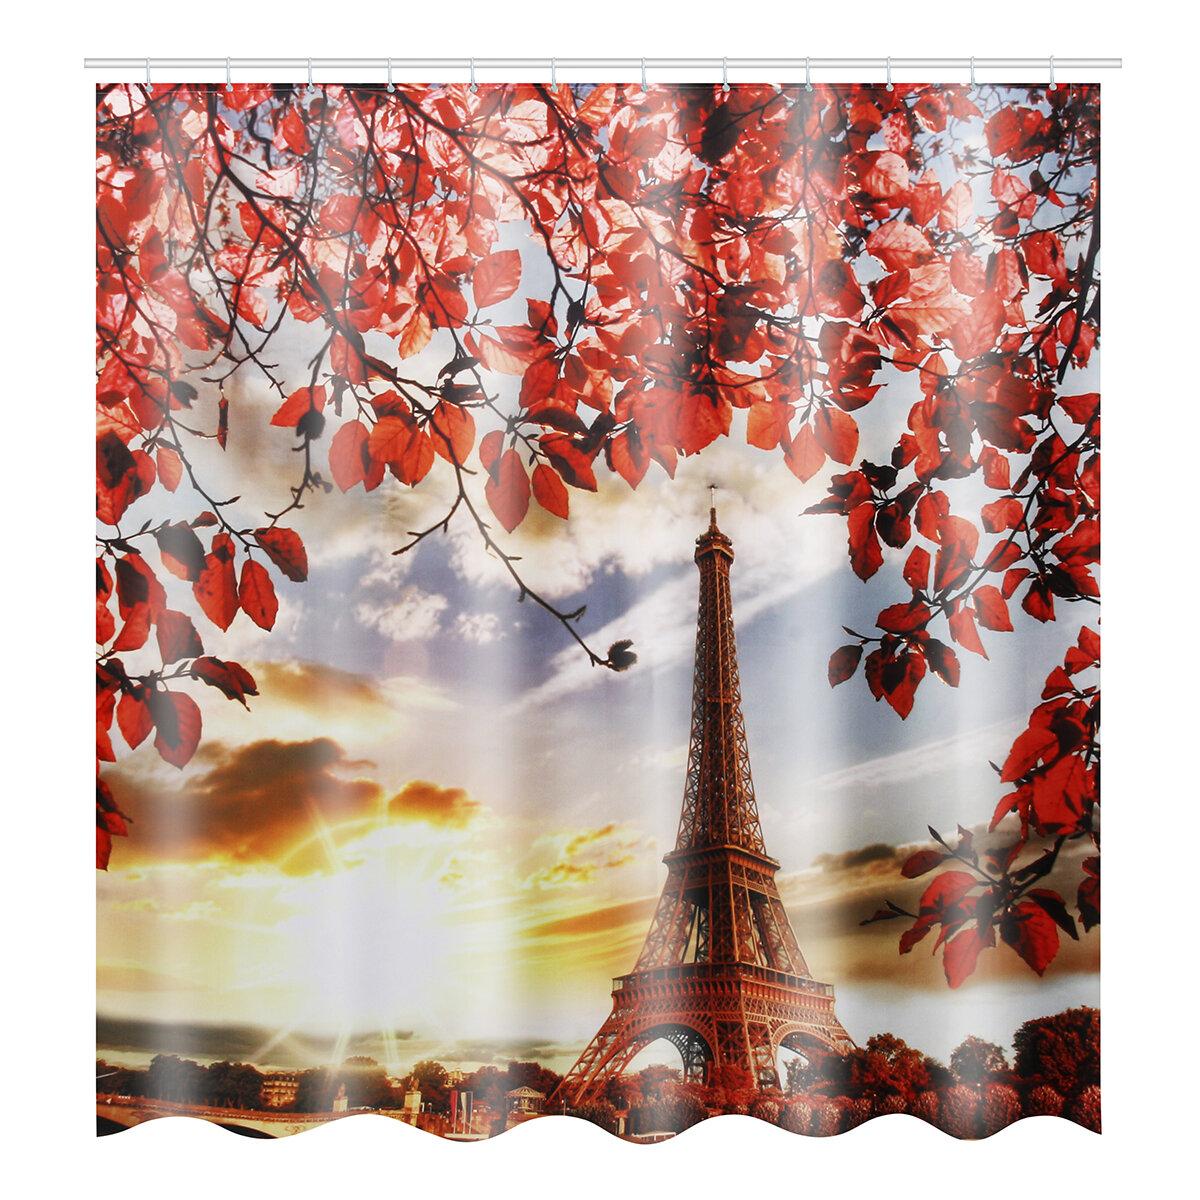 3D Tree and Eiffel Tower Dusk Impreso Cuarto de baño Impermeable Cortina de ducha Alfombras de baño antideslizantes Alfombras Alfombras de pedestal Cubierta del asiento del inodoro - 8